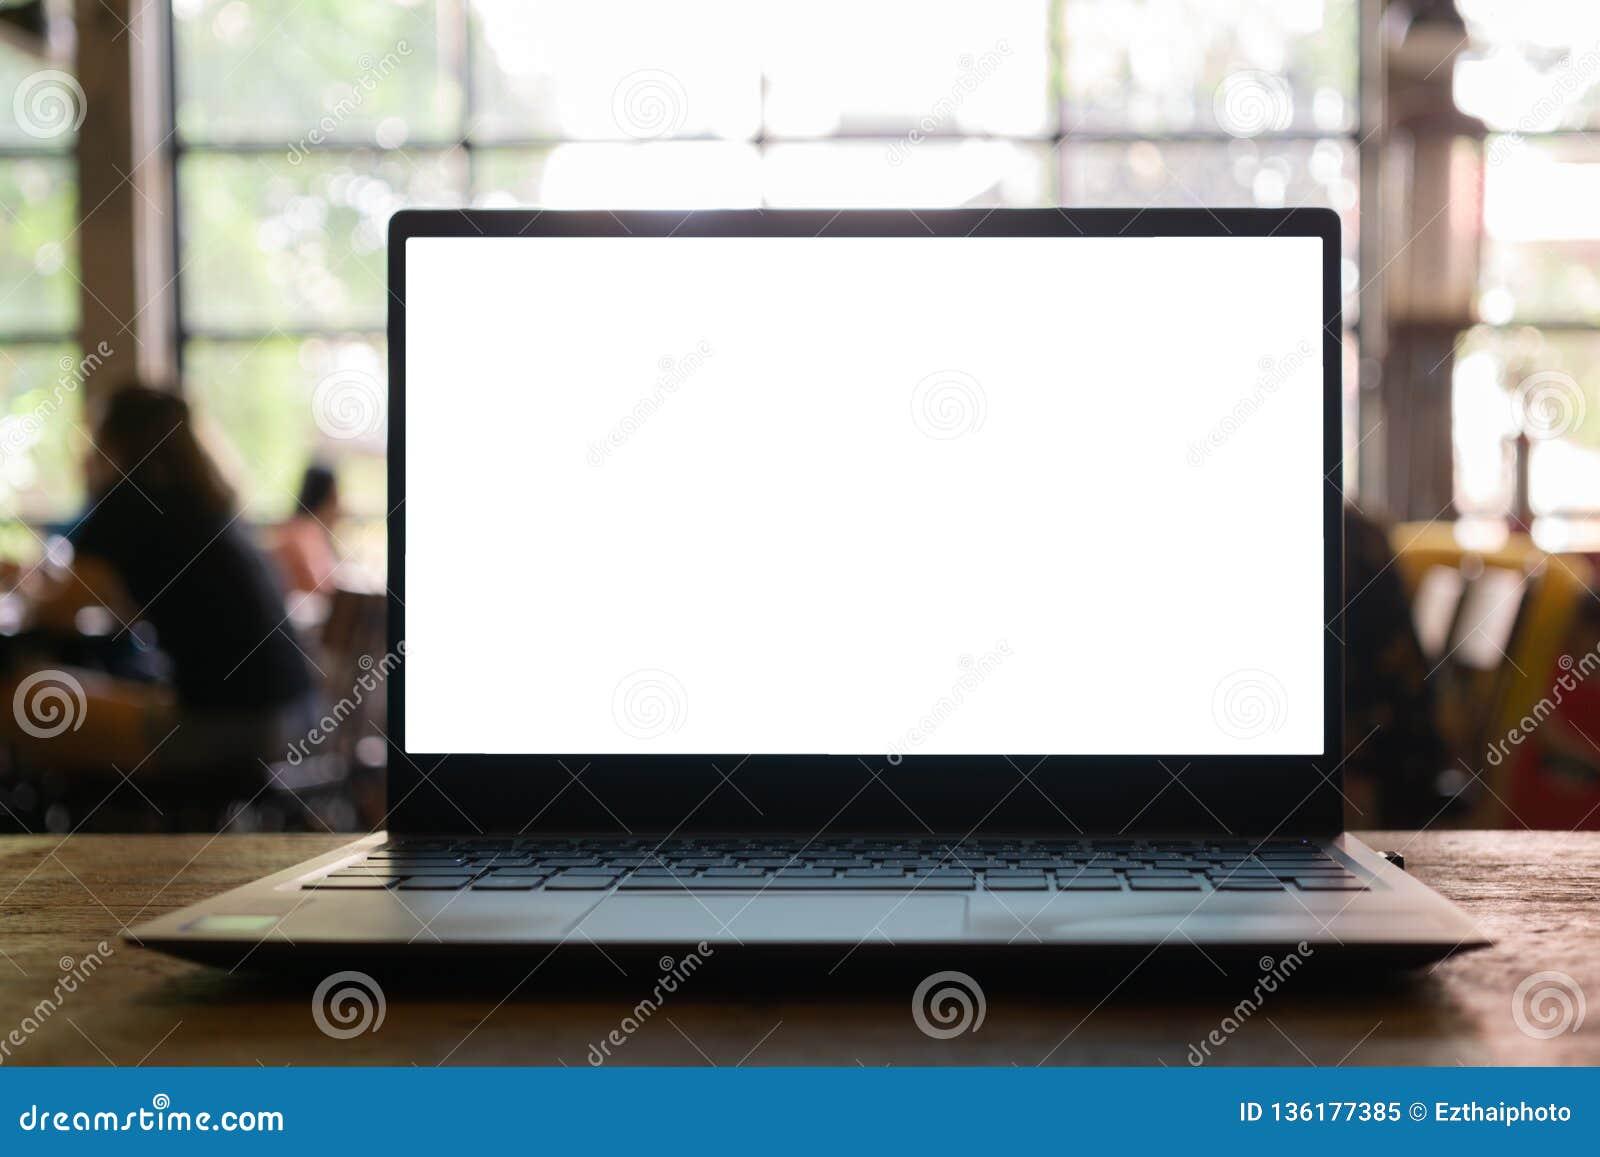 Portátil com a tela vazia na tabela com fundo borrado da cafetaria